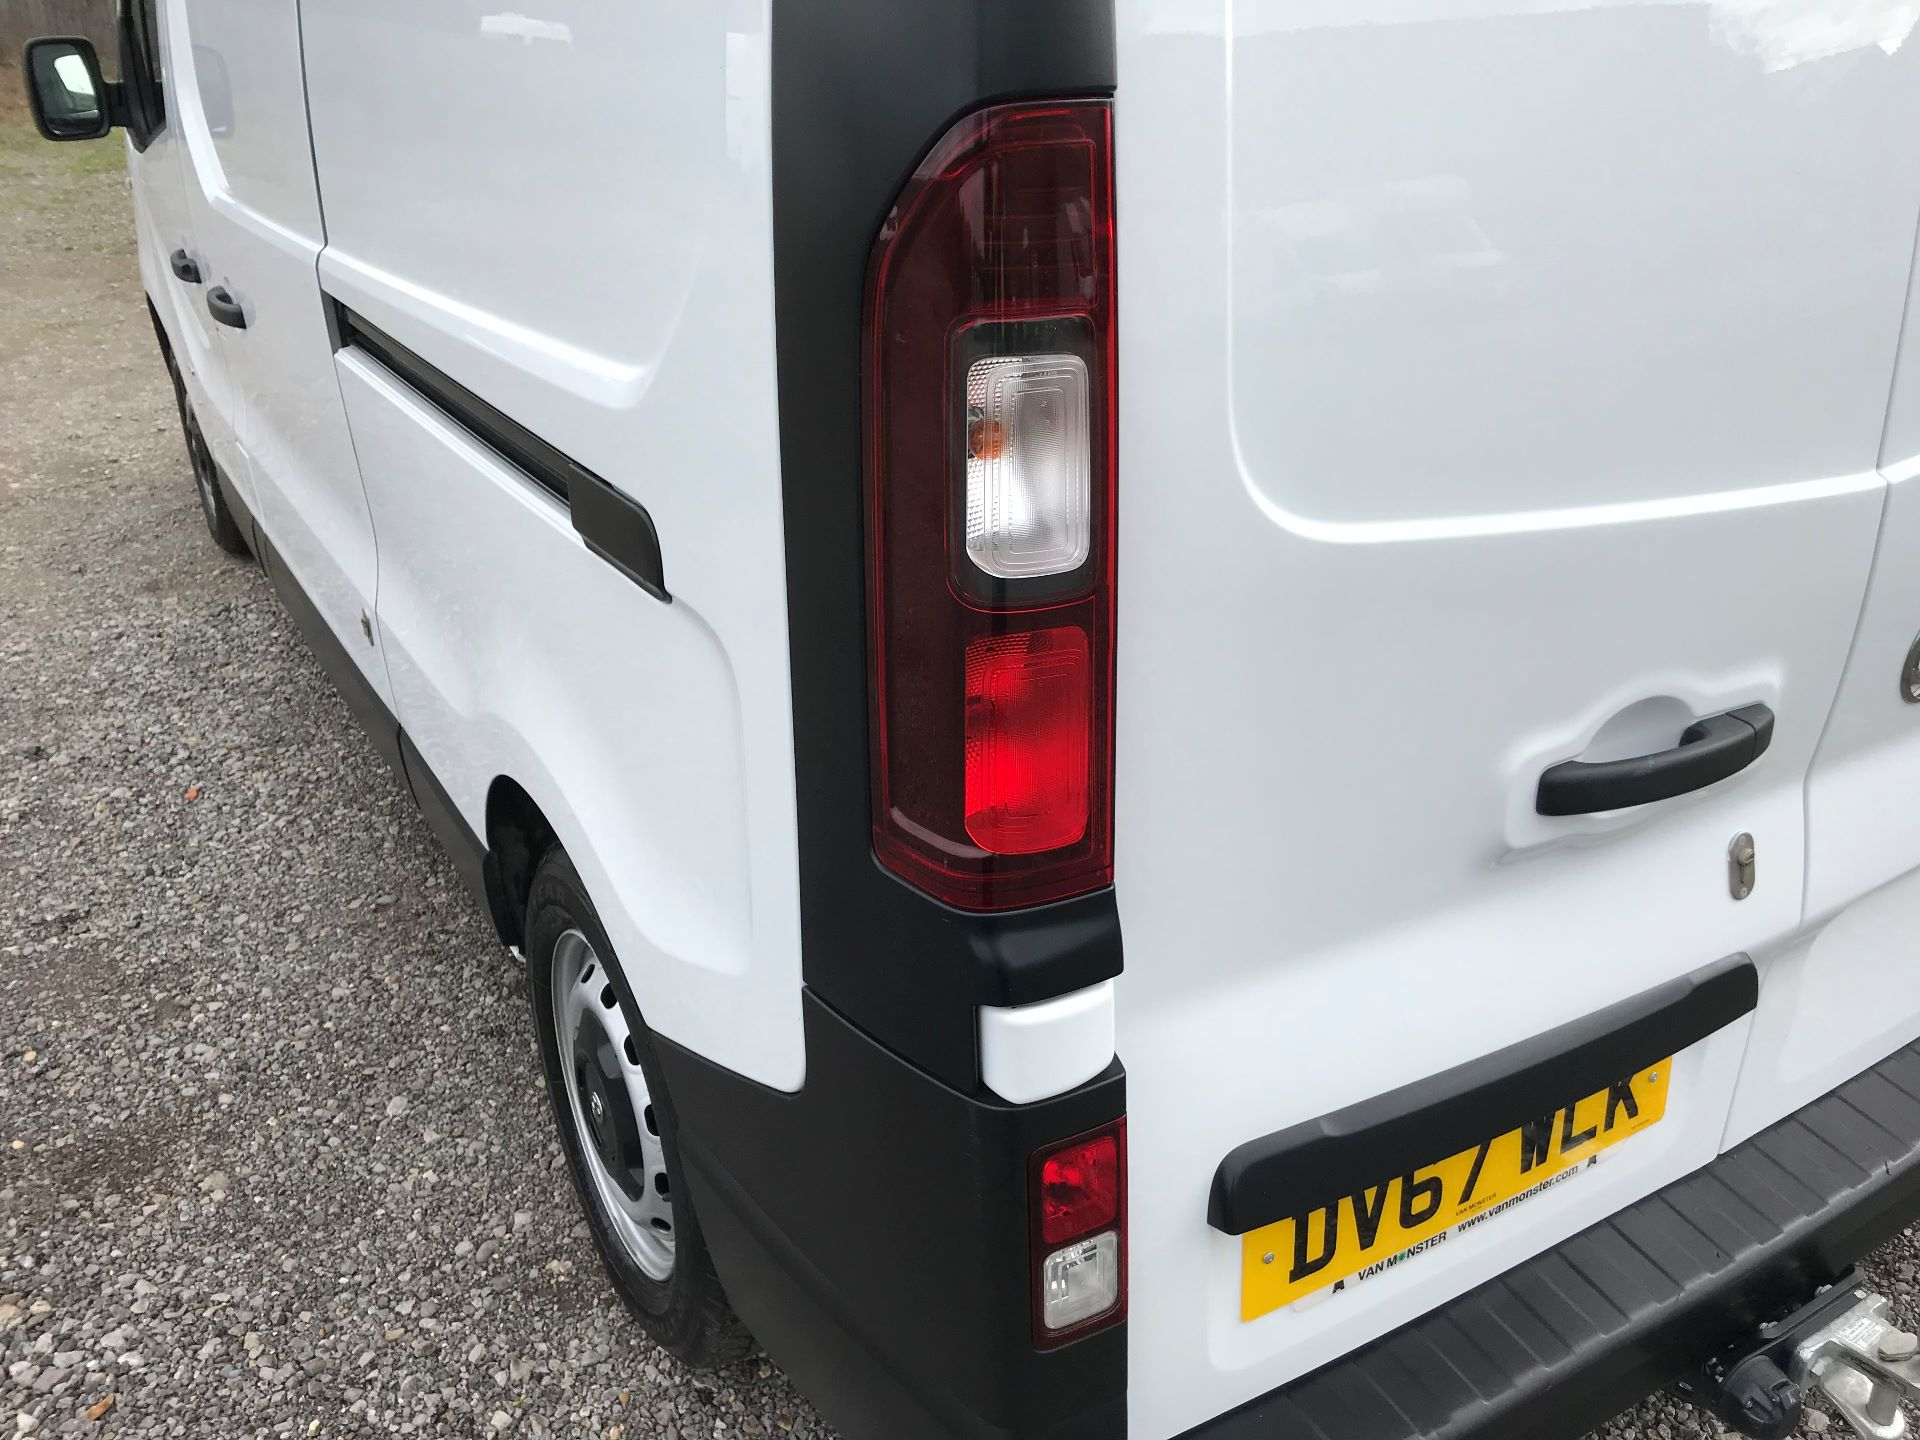 2017 Vauxhall Vivaro L2 H1 2900 1.6CDTI 120PS EURO 6 (DV67WLK) Image 15